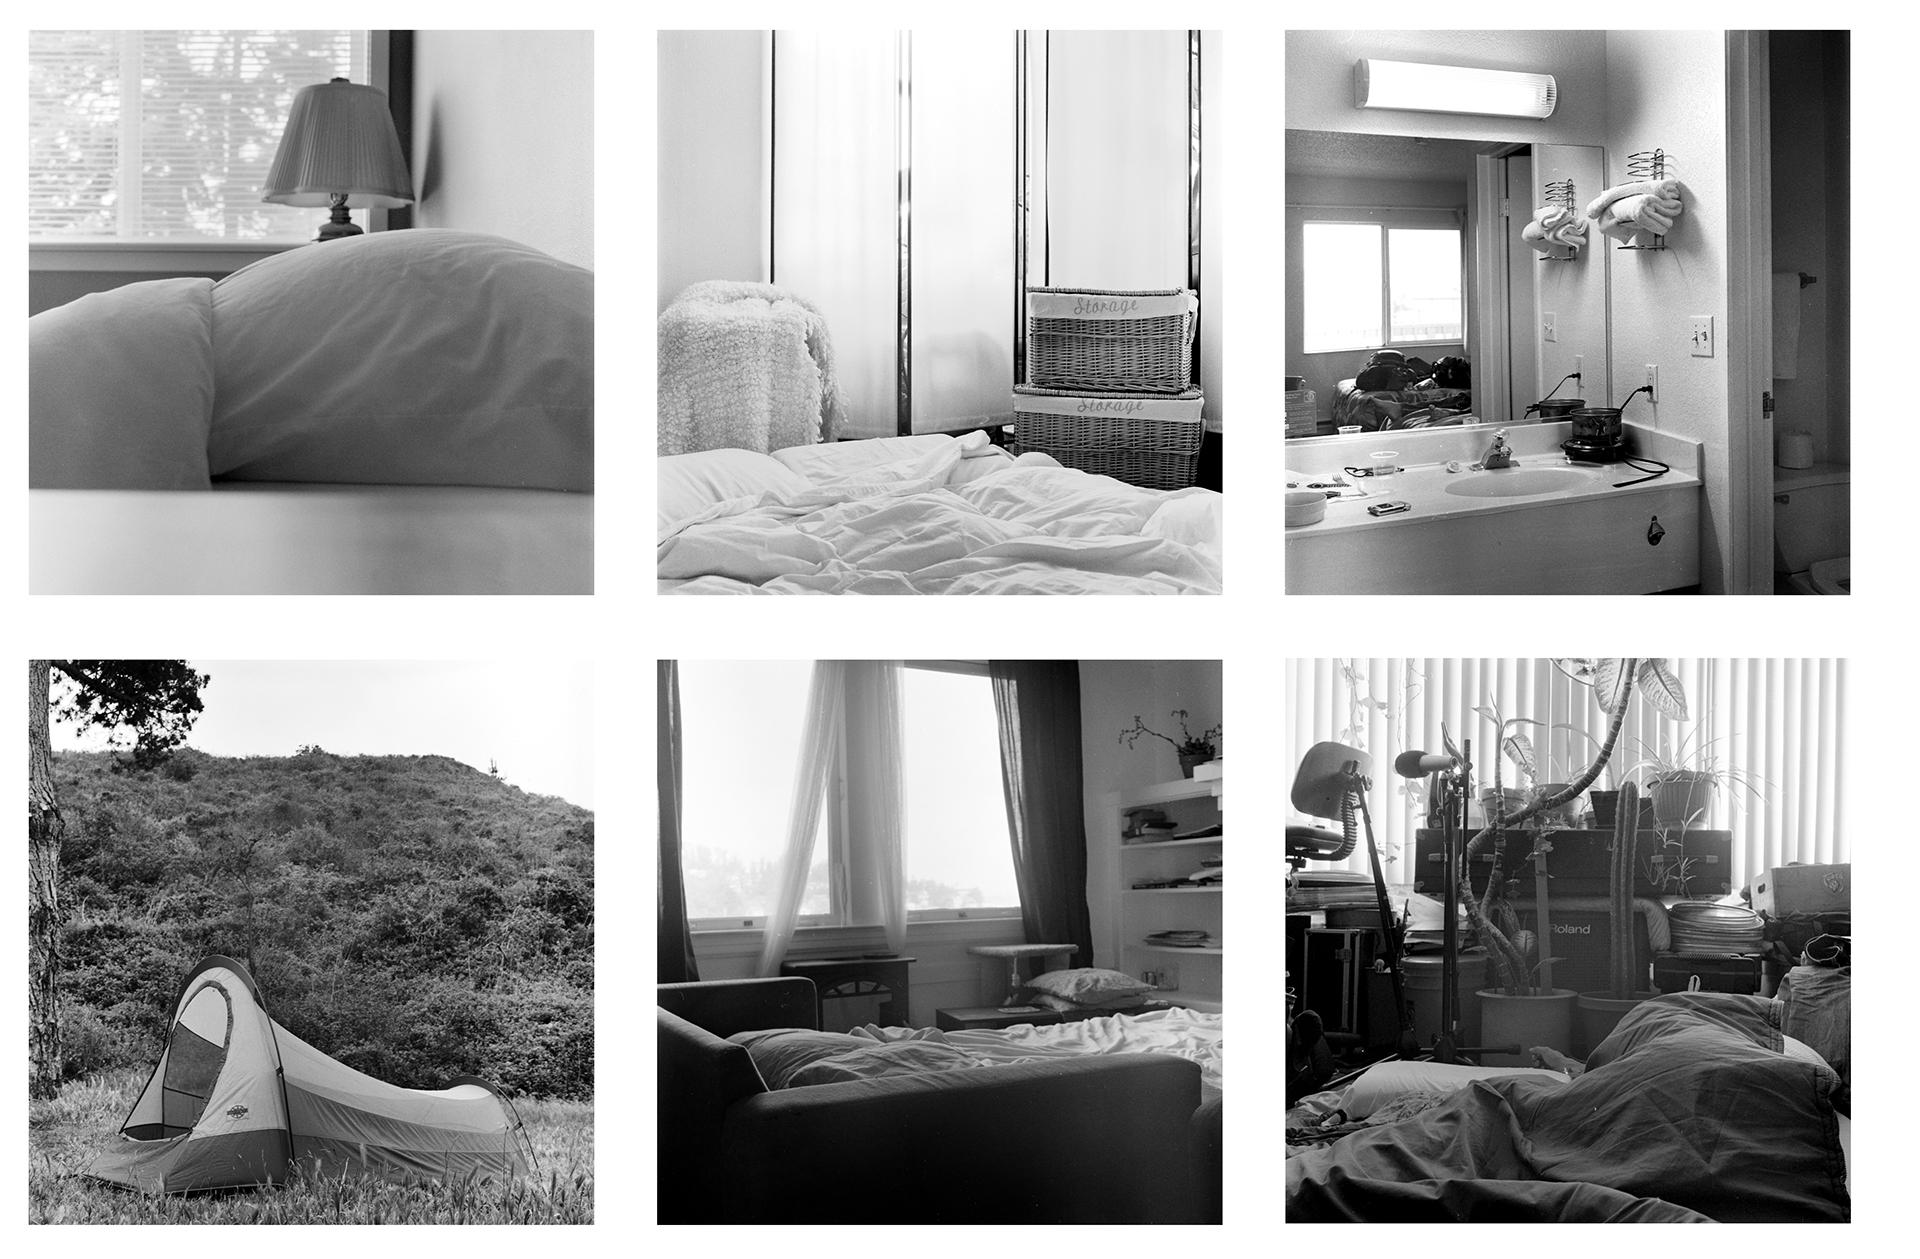 28_Beds 14 copy.jpg